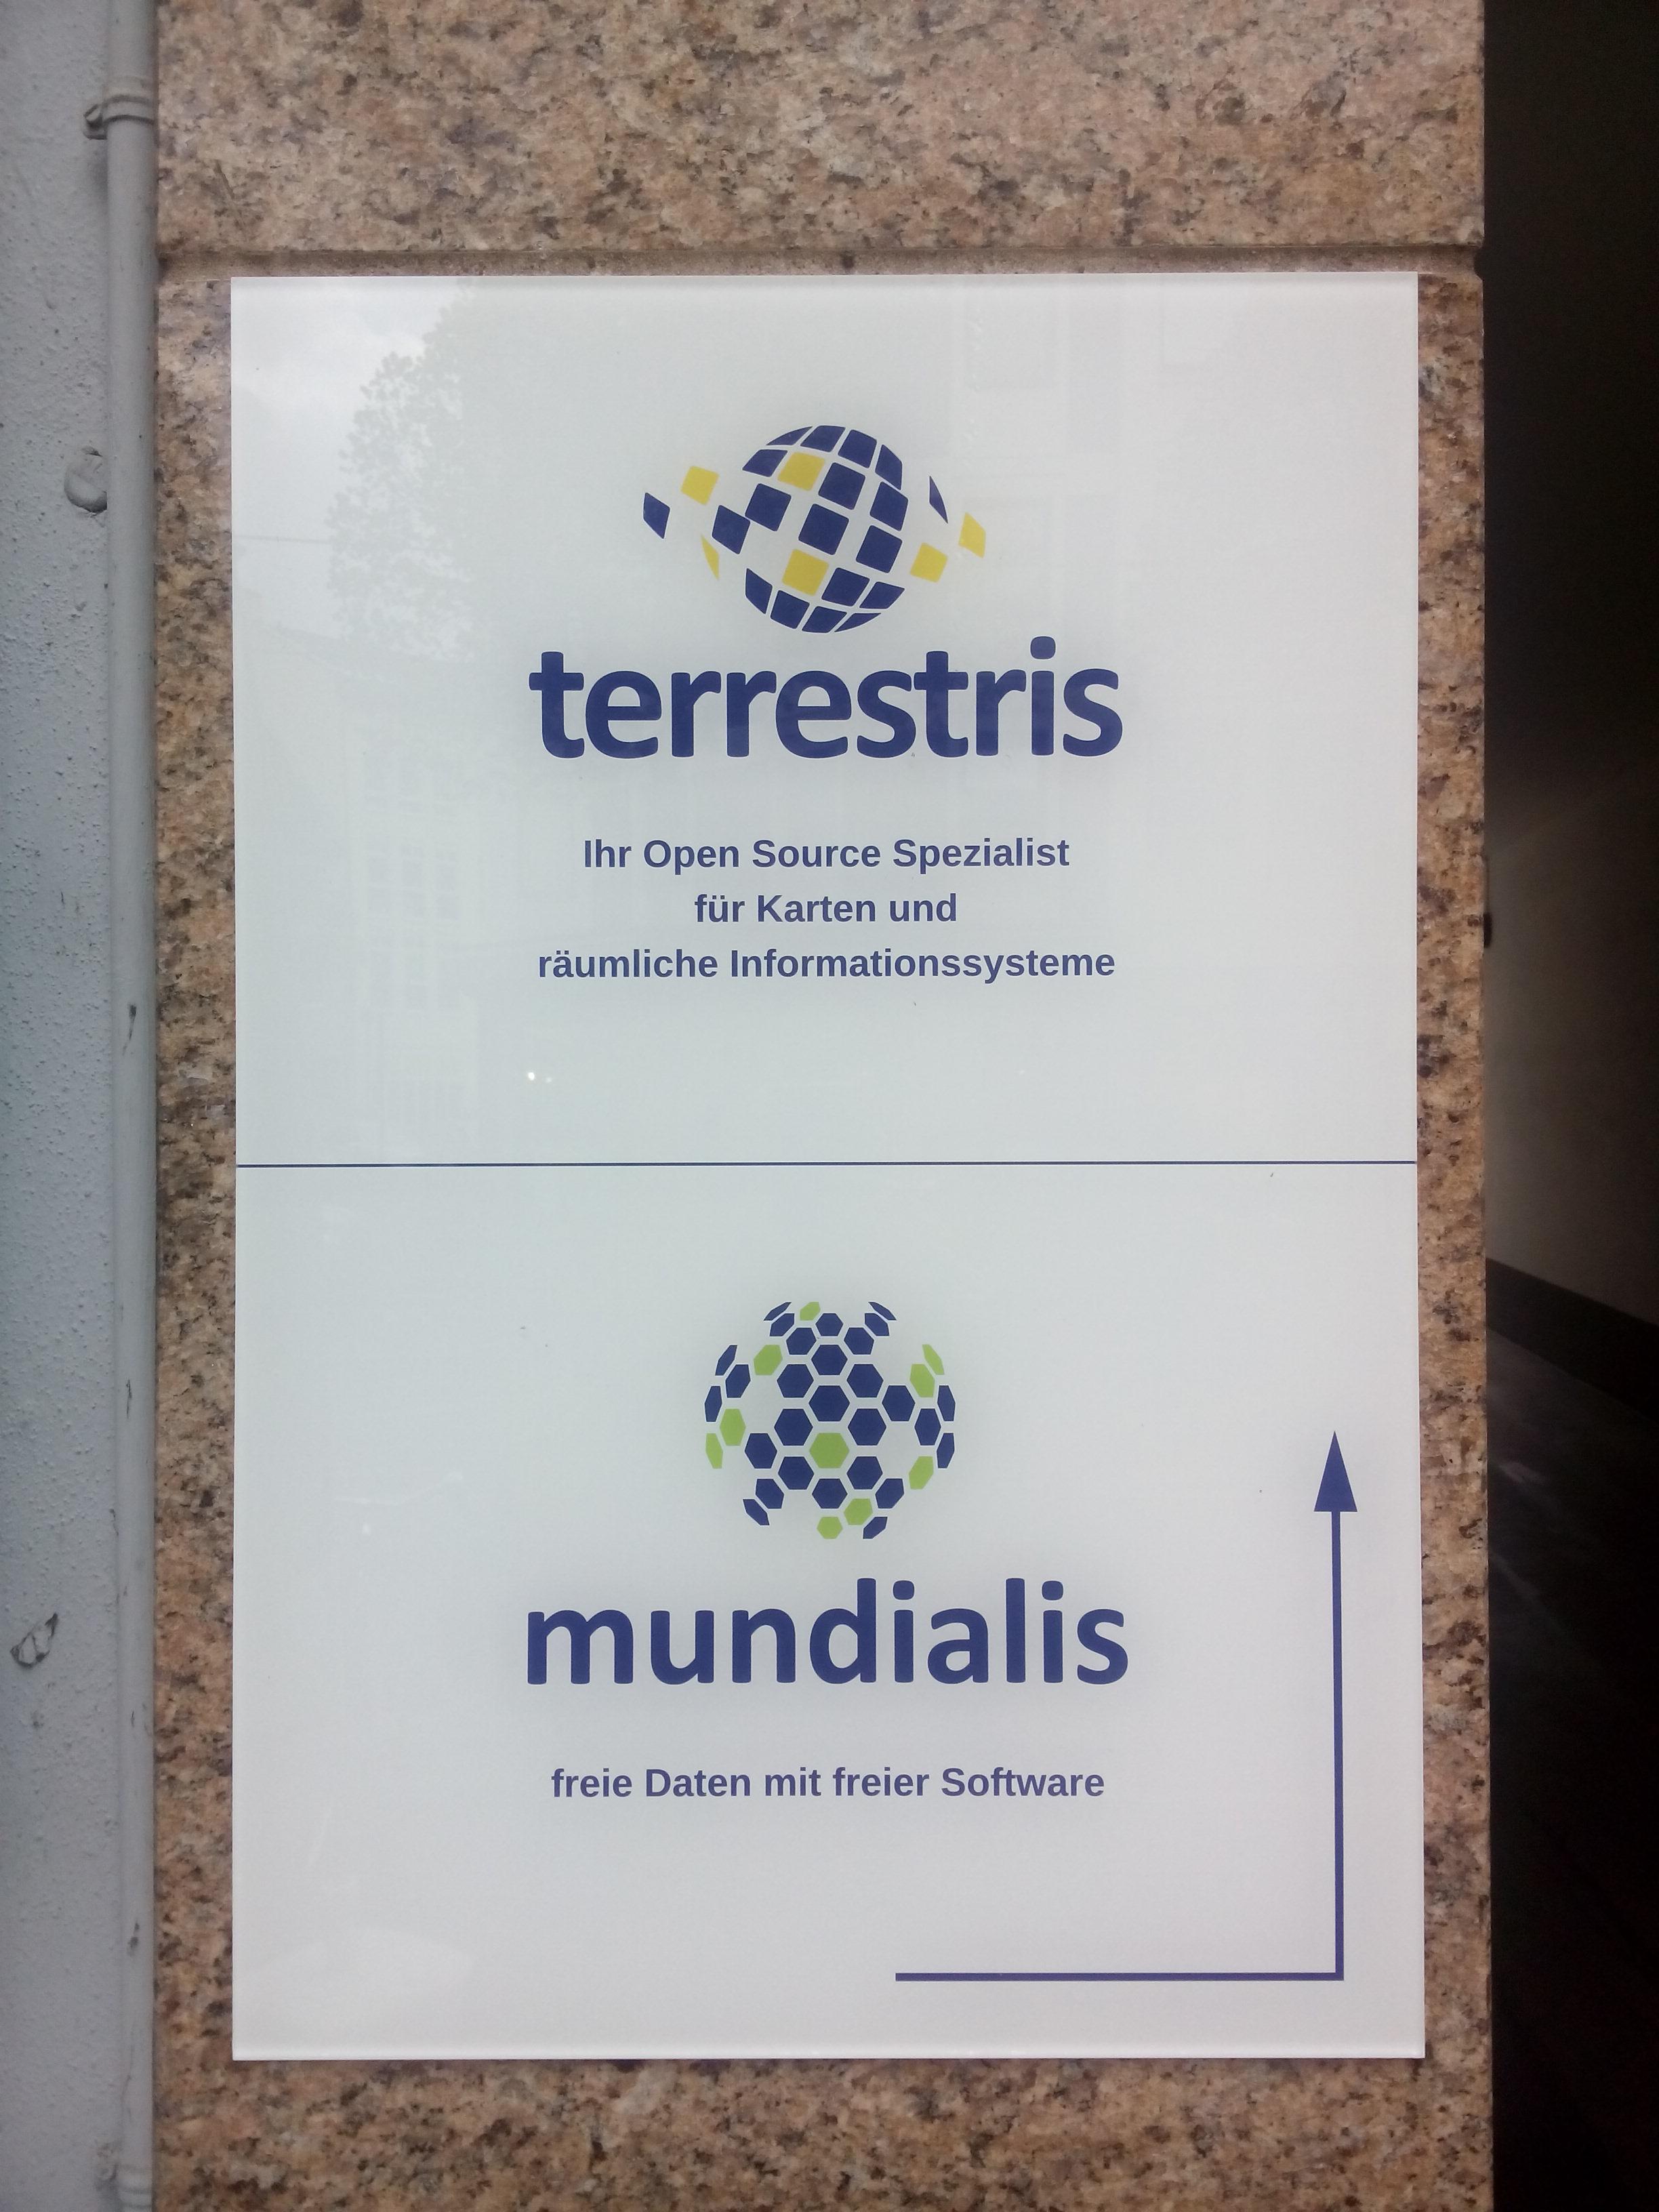 mundialis_terrestris_firmenschild